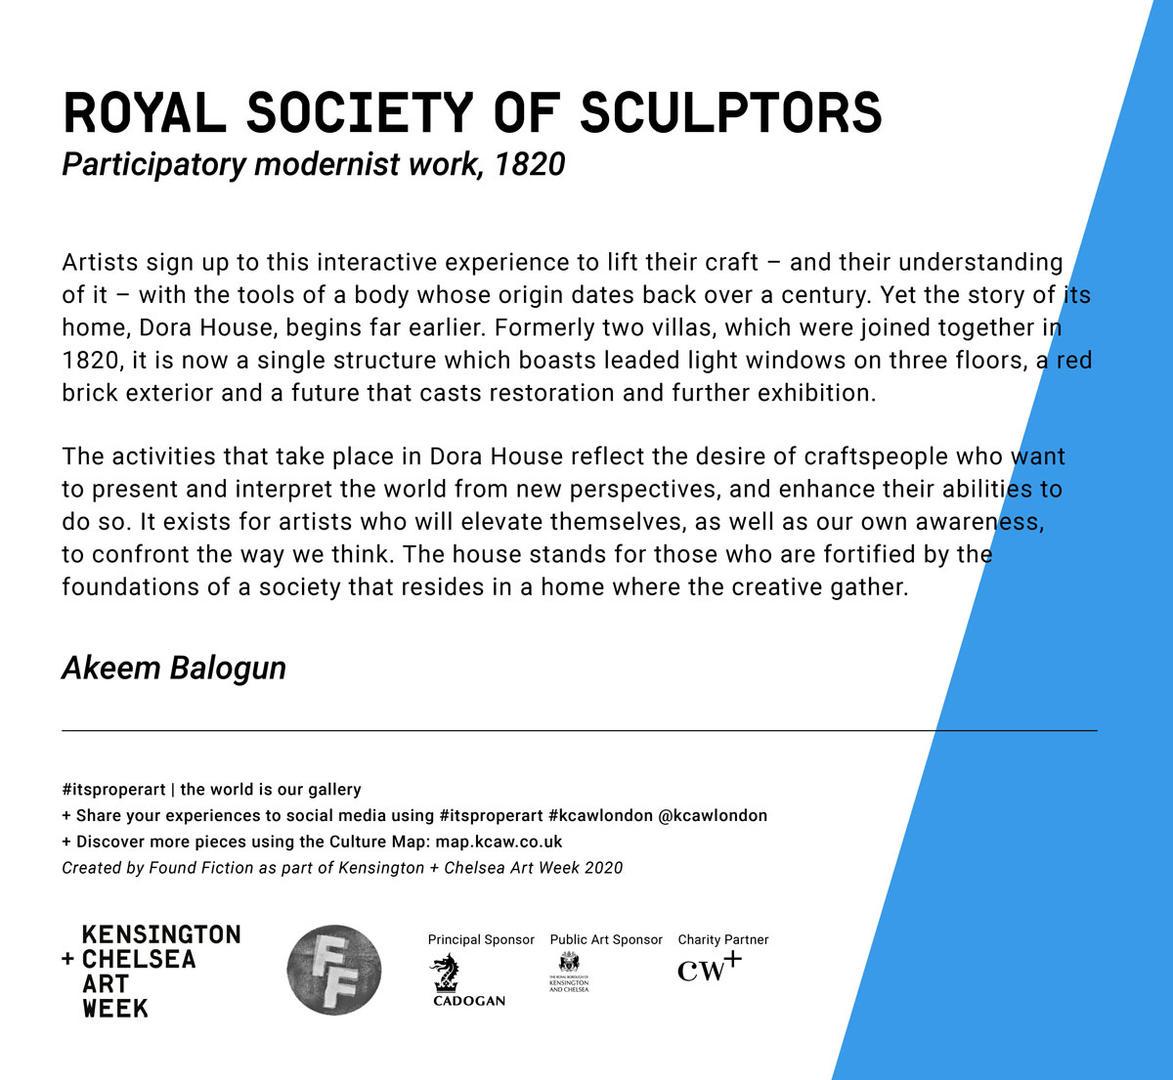 ROYAL SOCIETY OF SCULPTORS